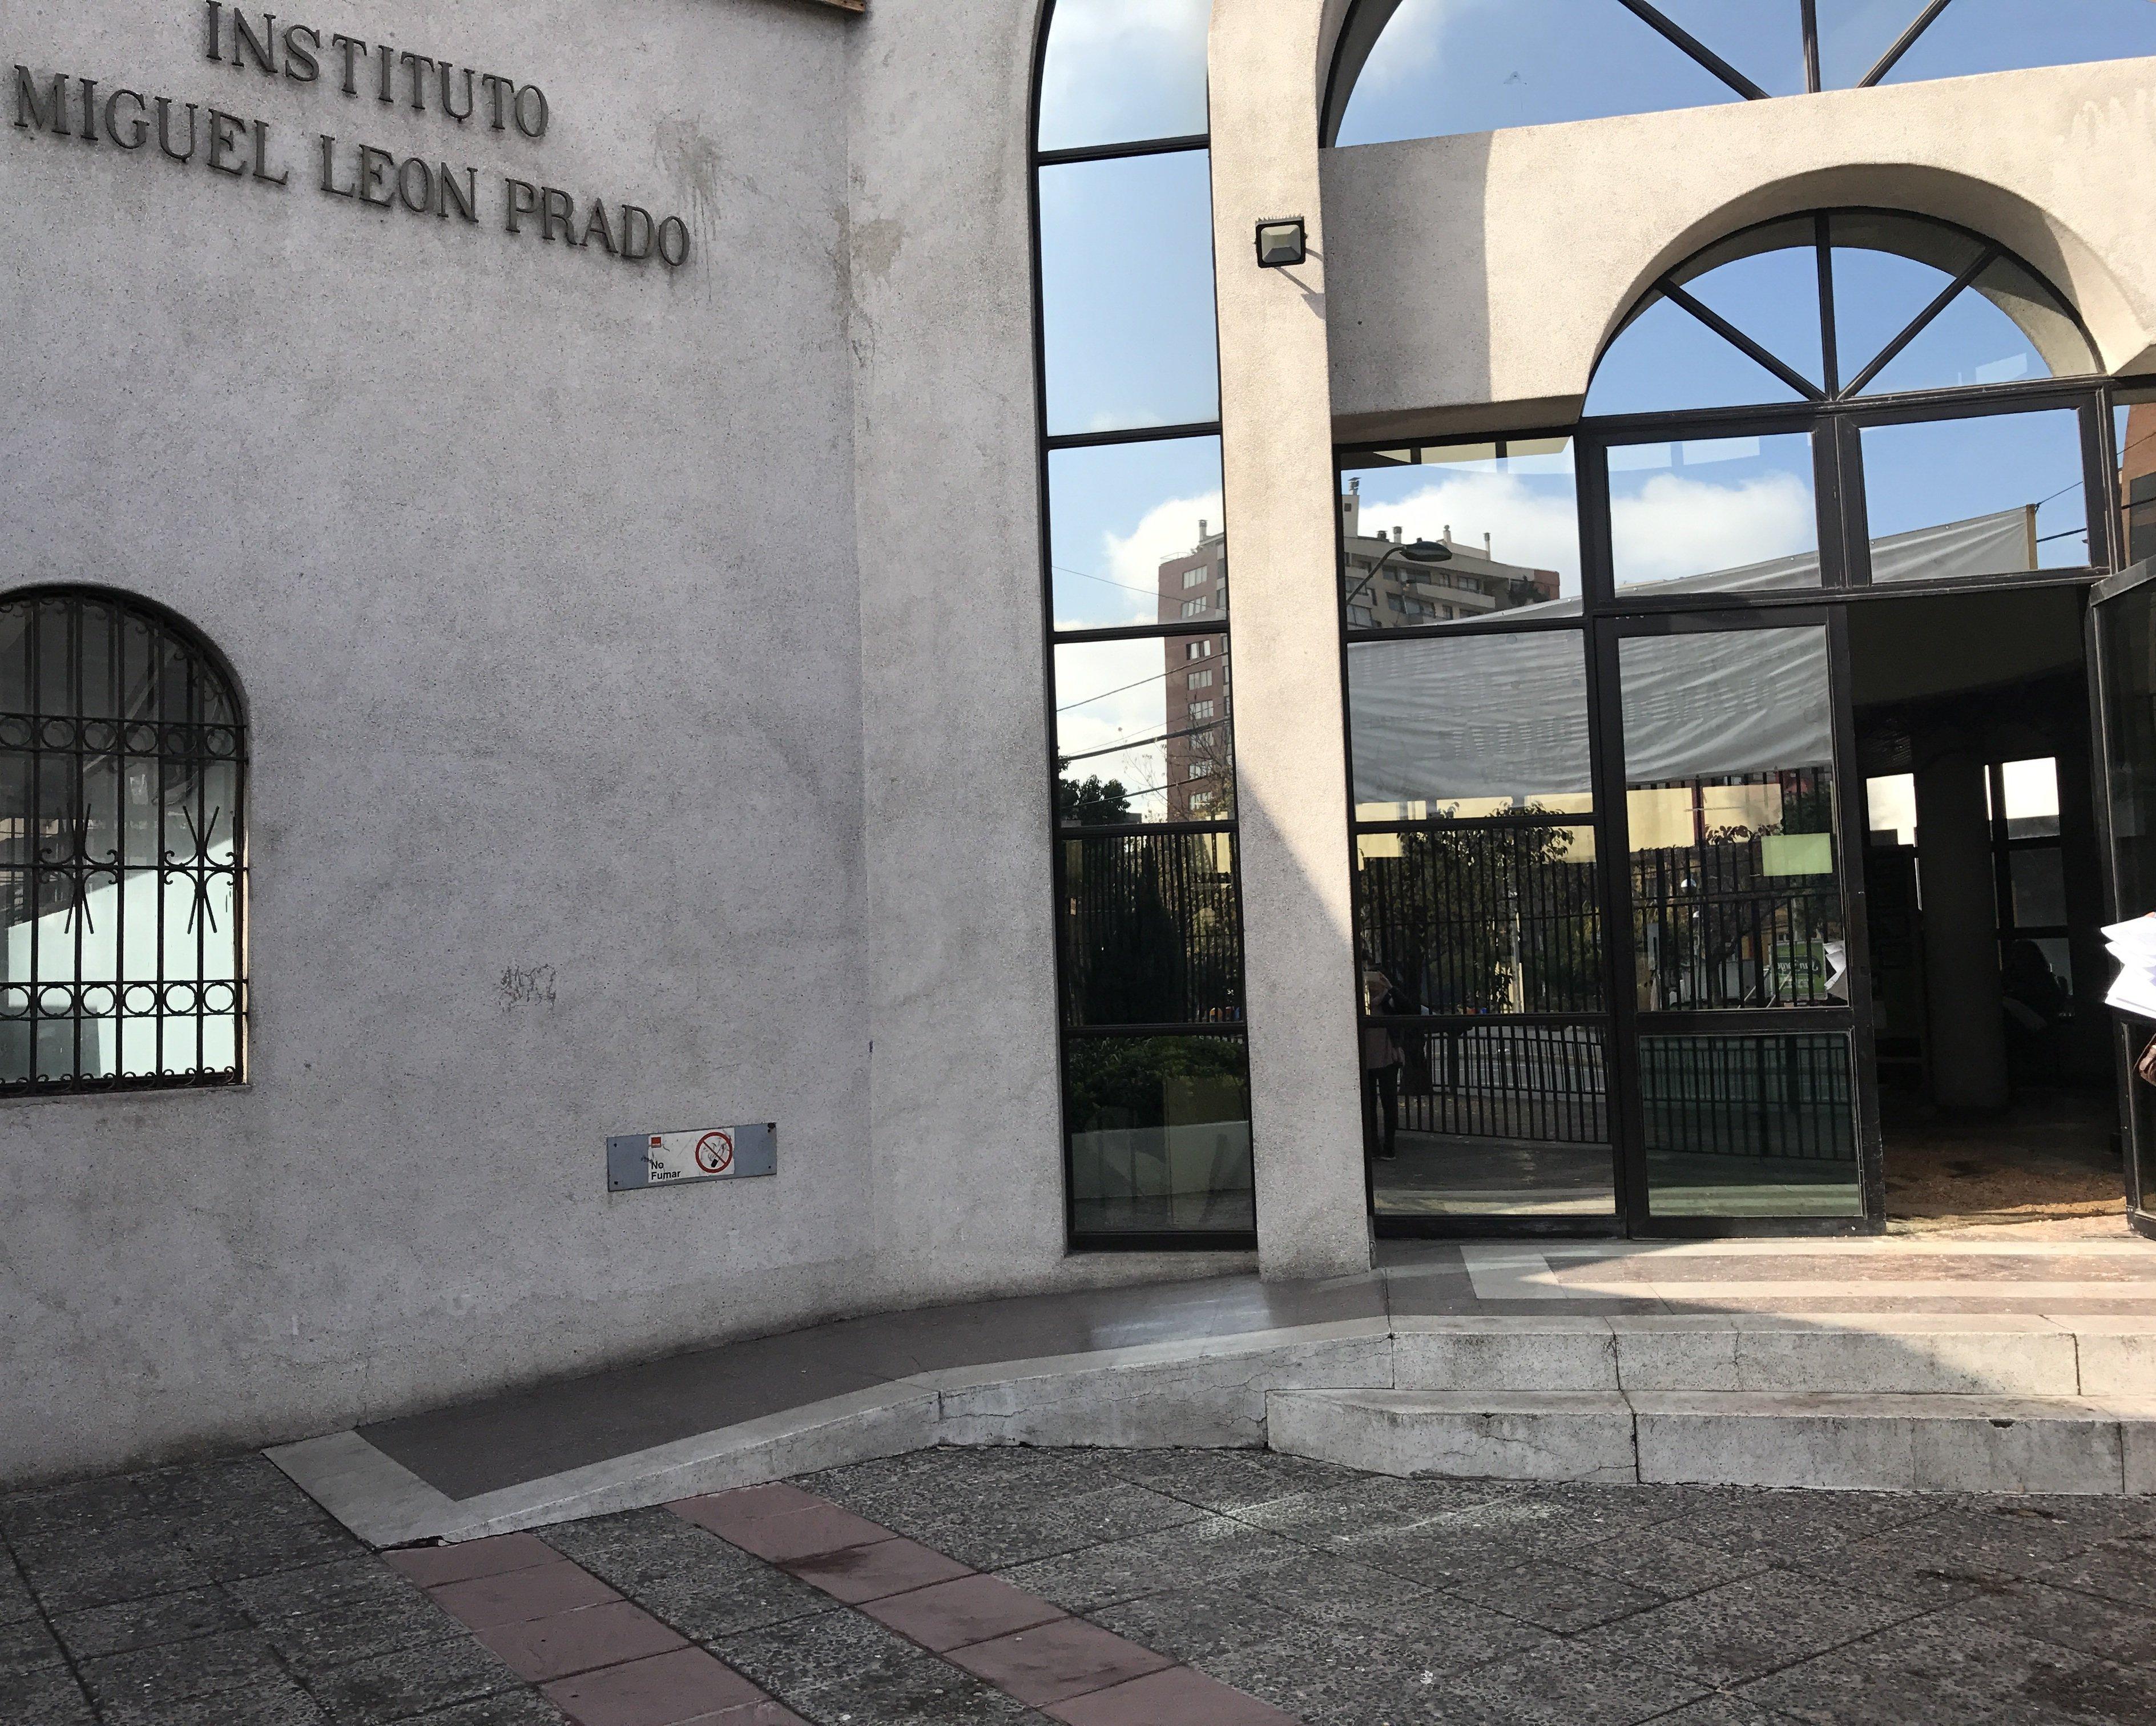 Instituto Miguel León Prado